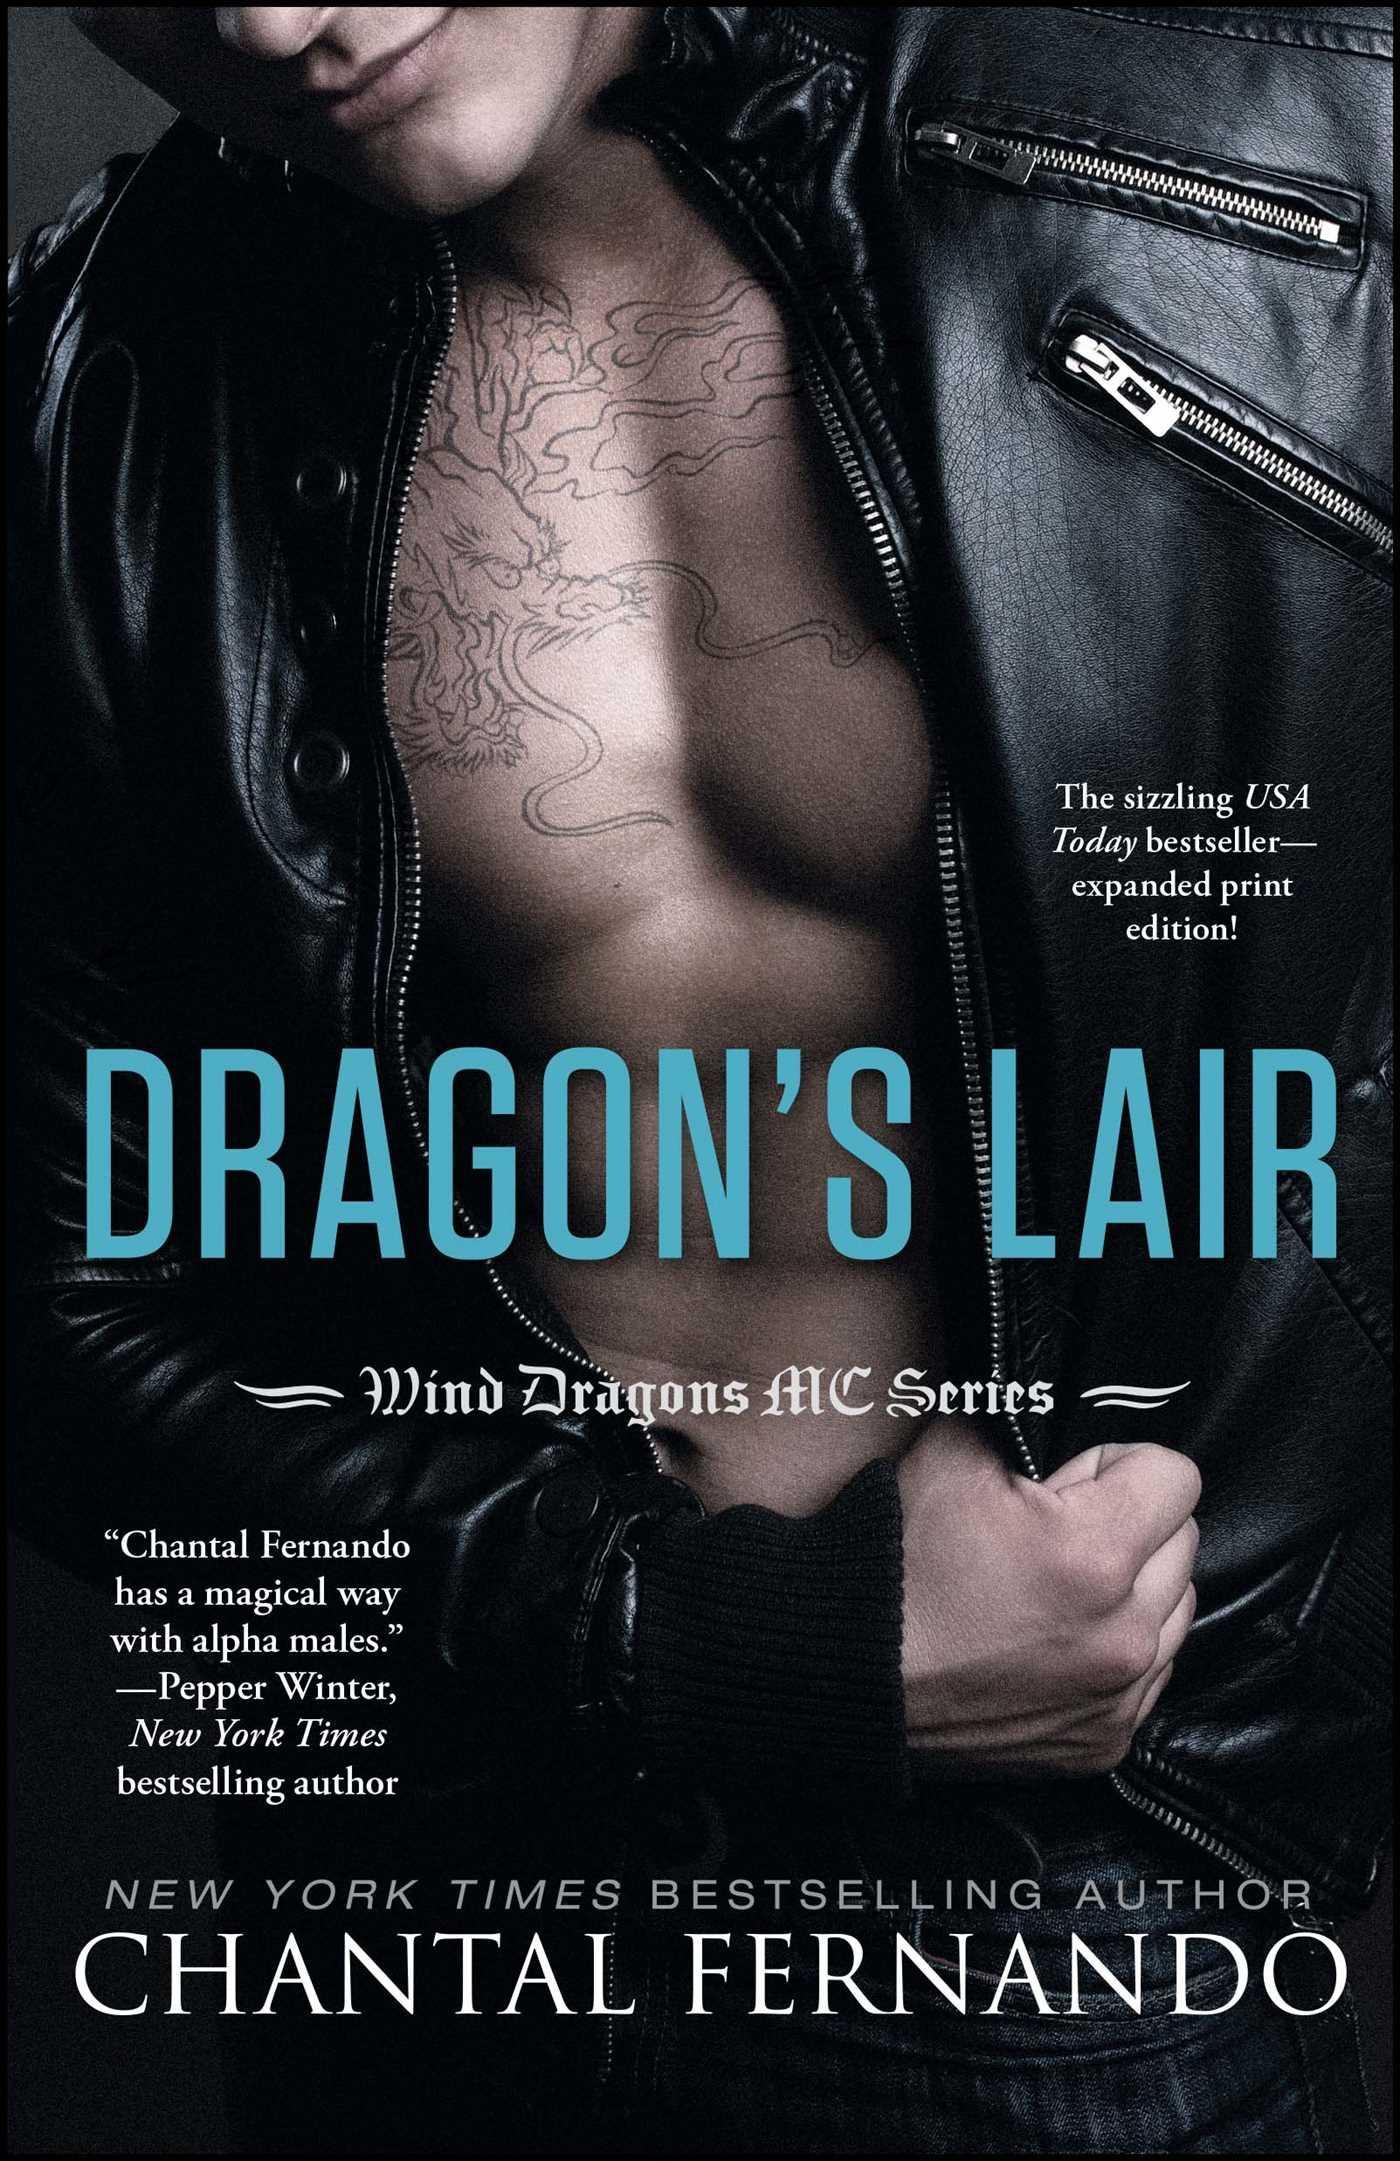 Dragons Lair Wind Dragons Mc 1 By Chantal Fernando